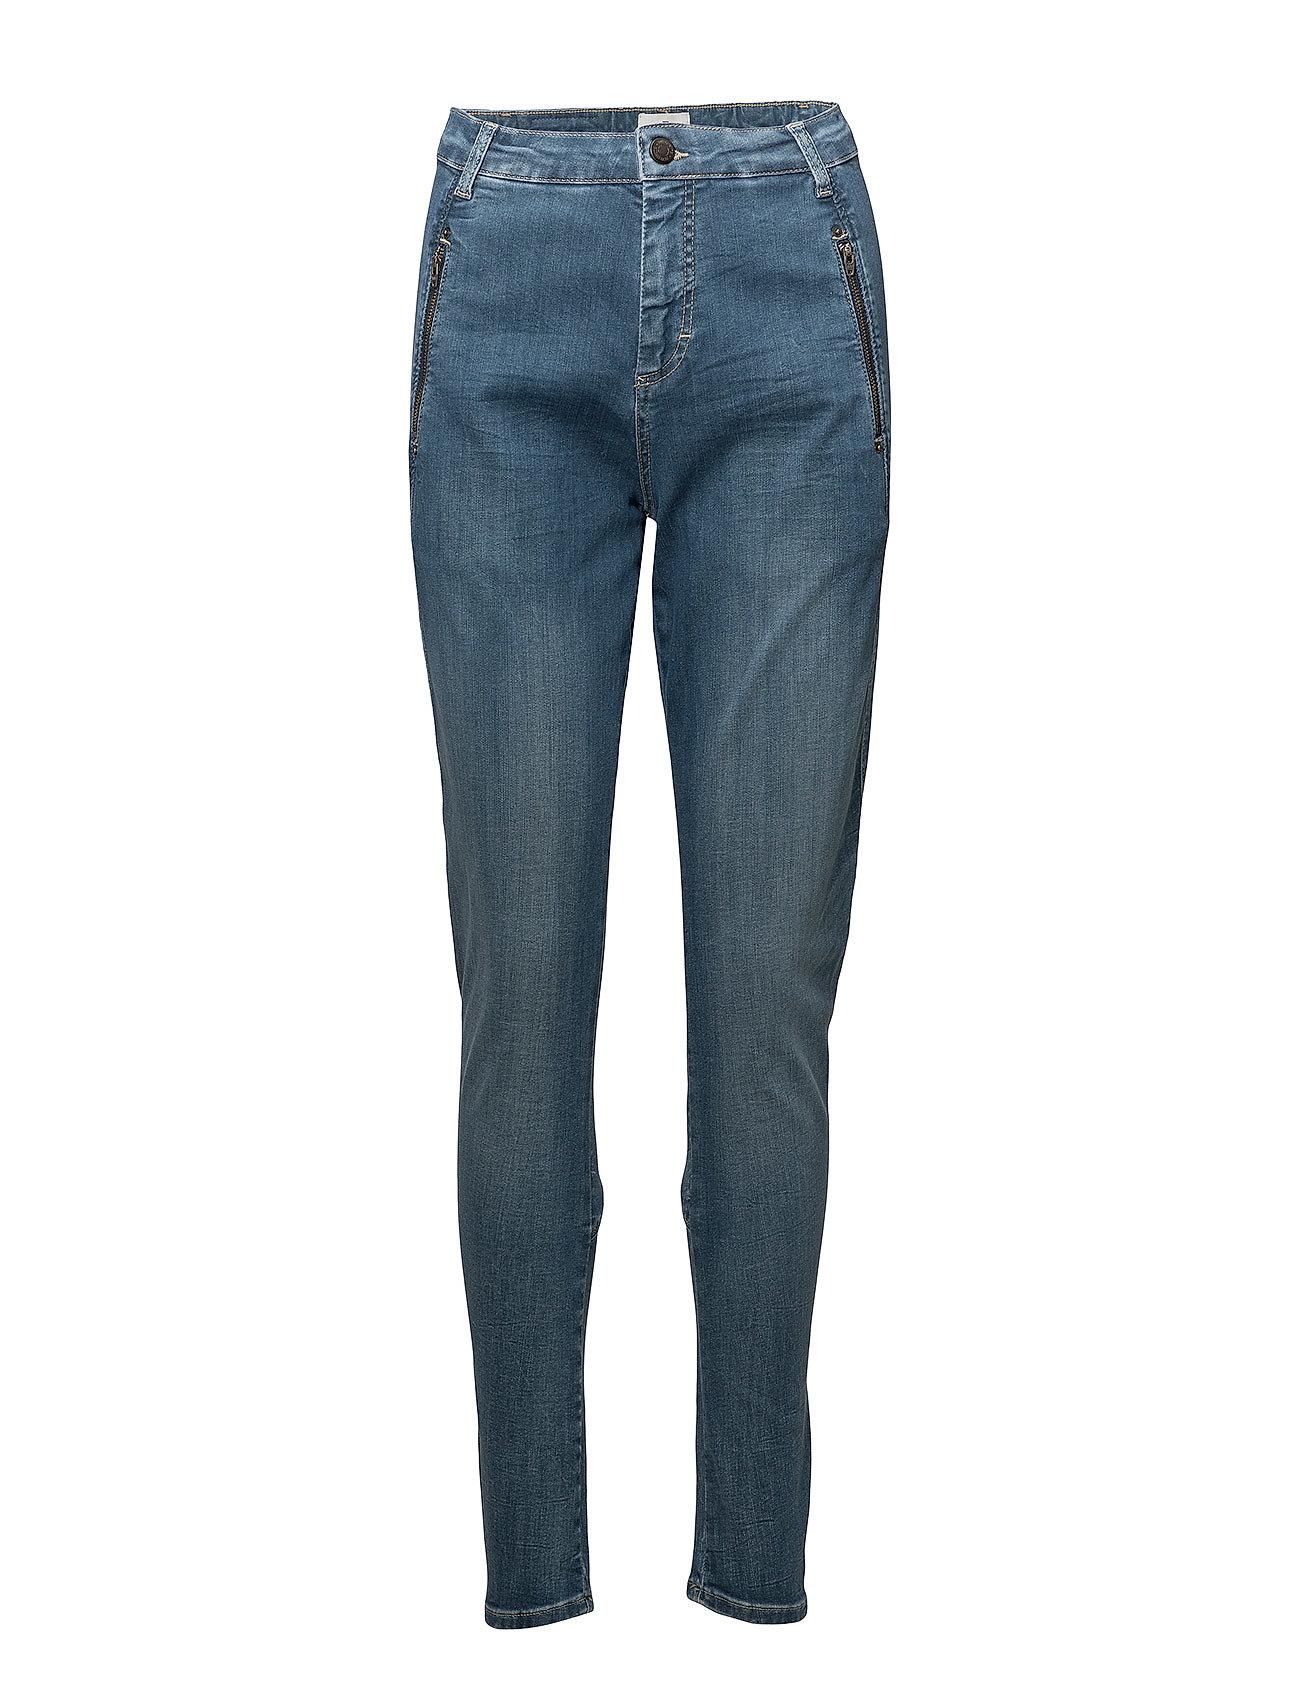 FIVEUNITS Jolie 580 Drifter, Orlando blå, Jeans Jeans